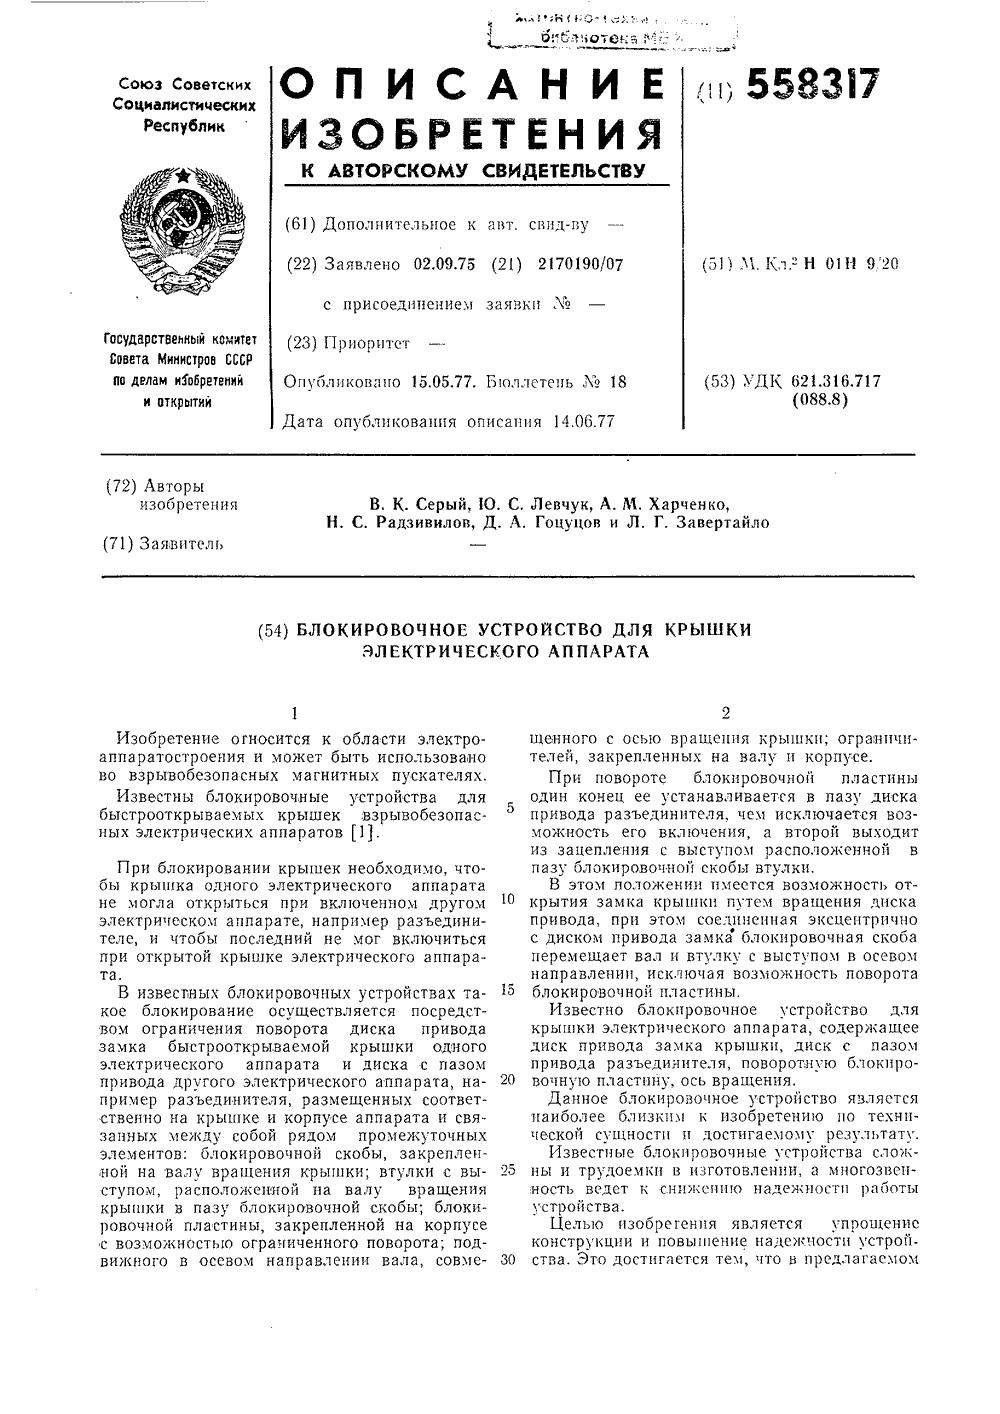 Градиентометрическая схема включения обмоток феррозонда используется 3